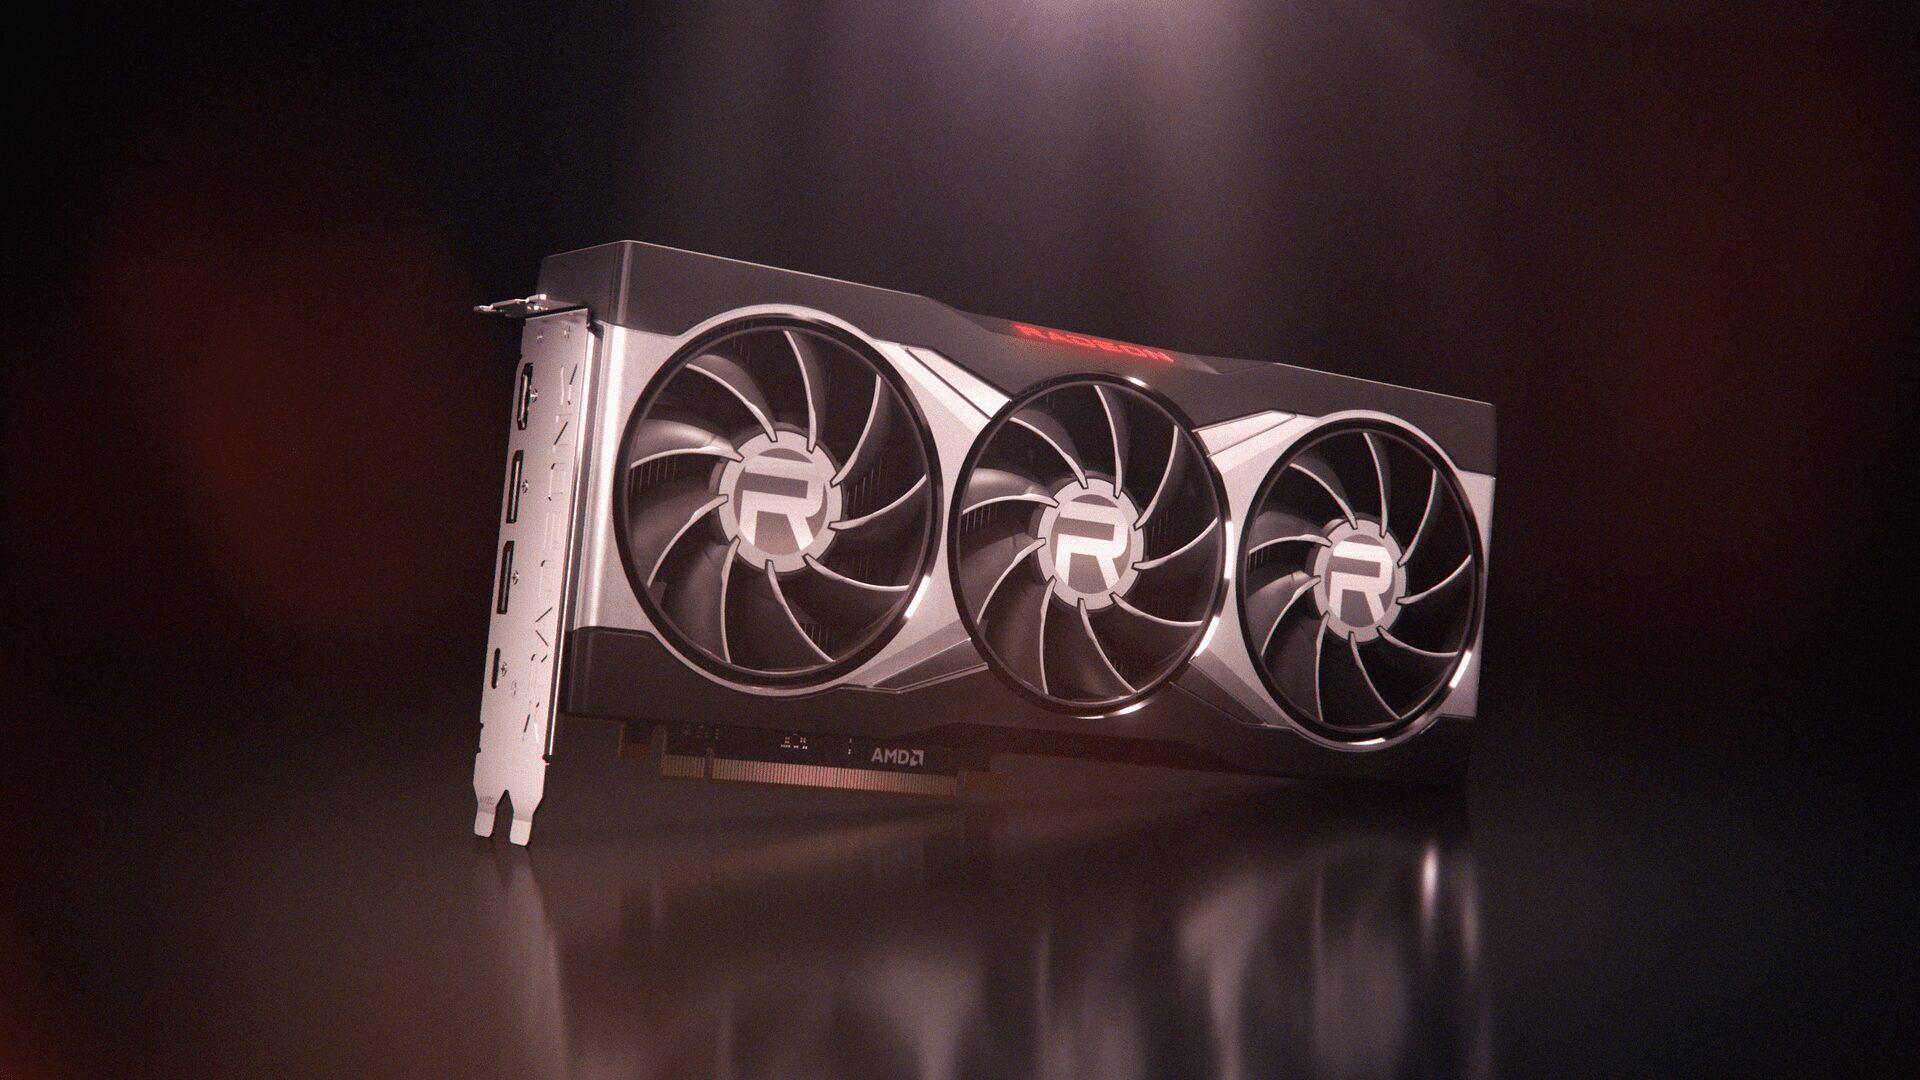 بطاقات AMD Radeon